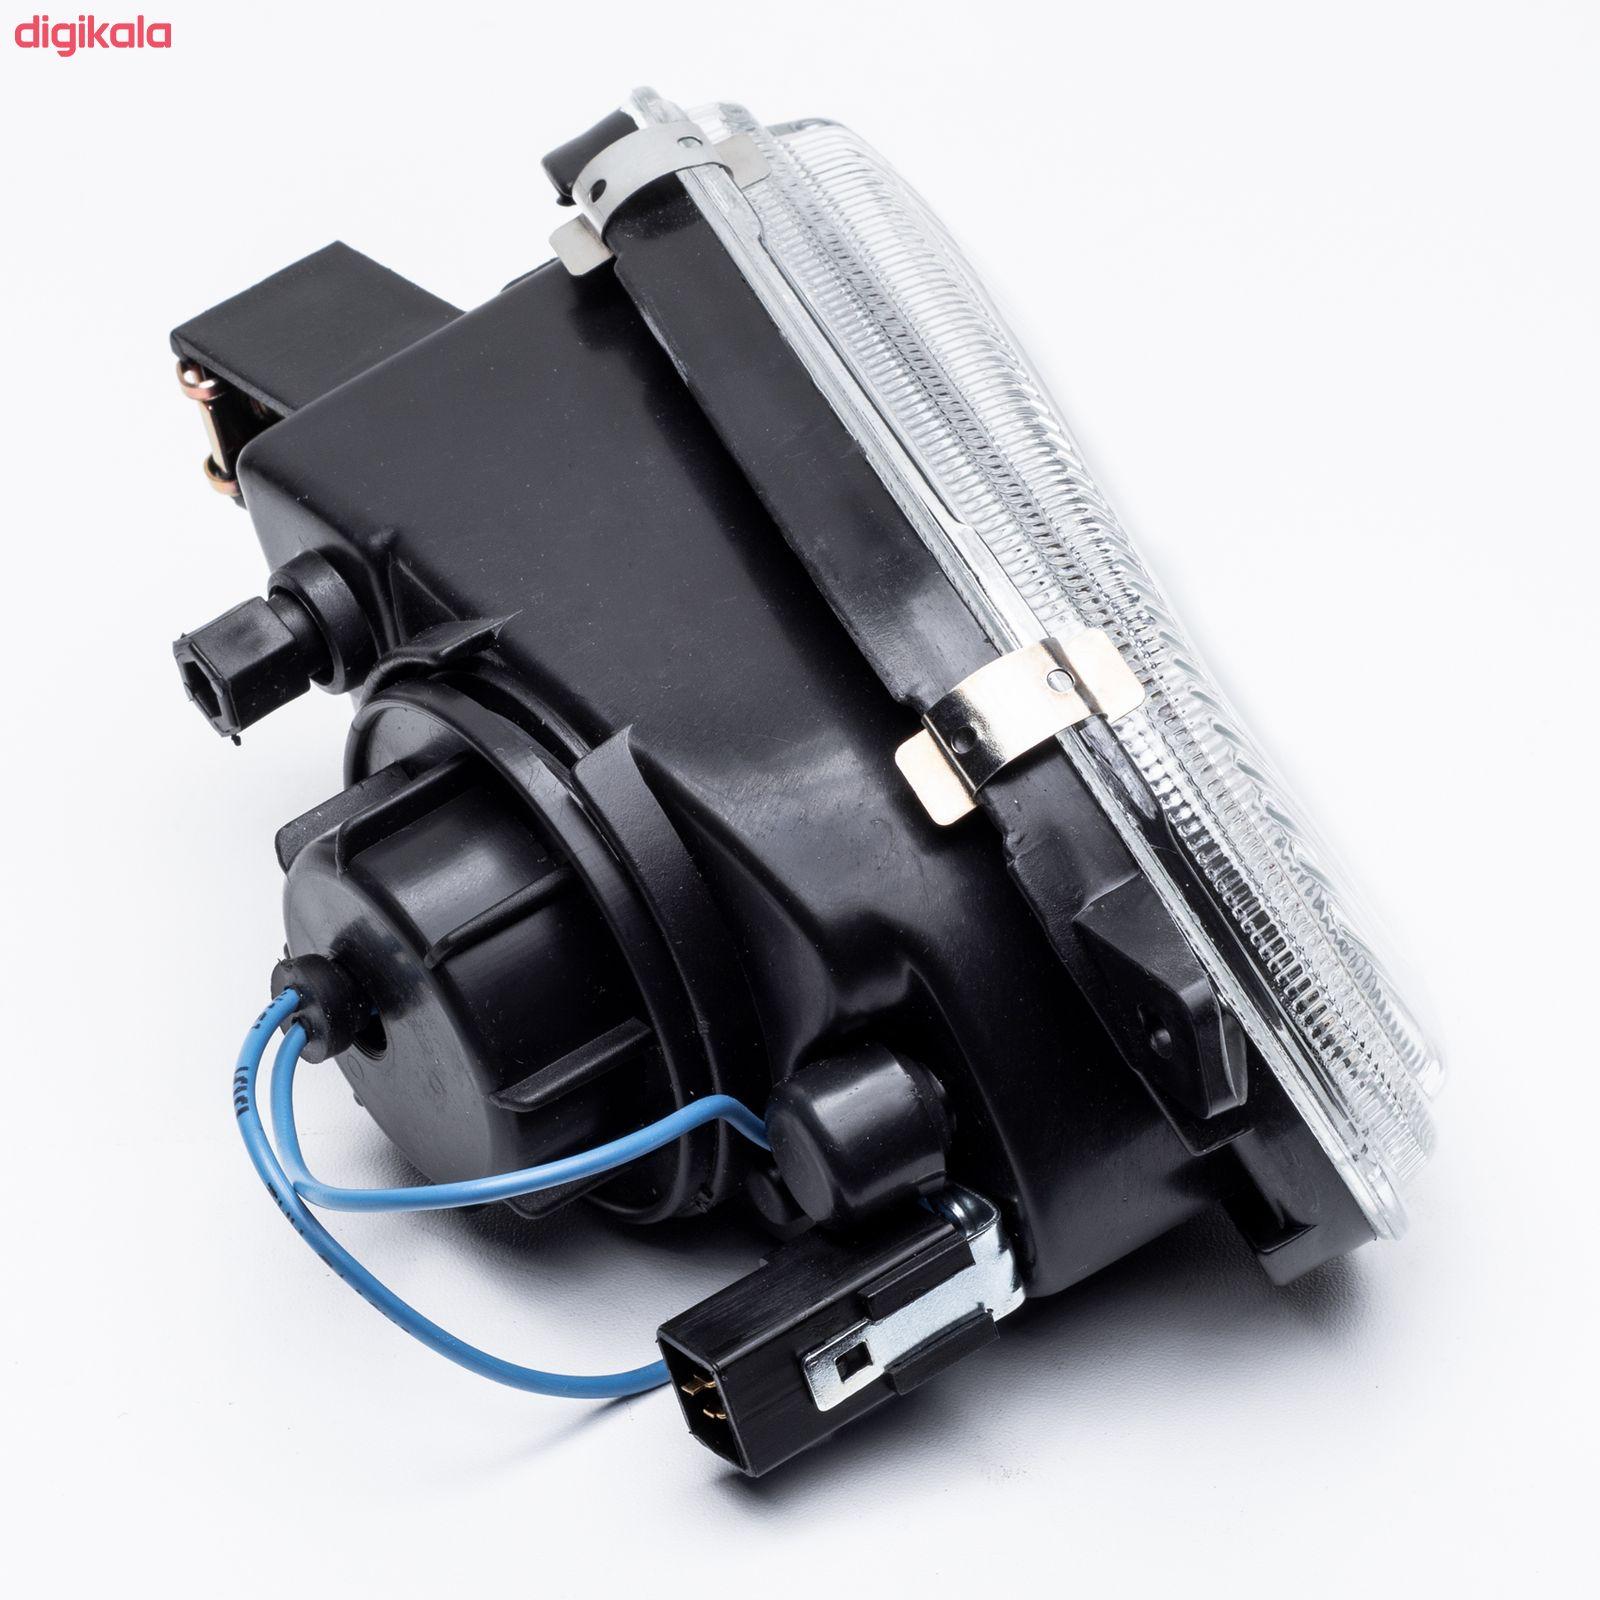 چراغ مه شکن جلو چپ گازار مدل JT123 مناسب برای سمند main 1 2